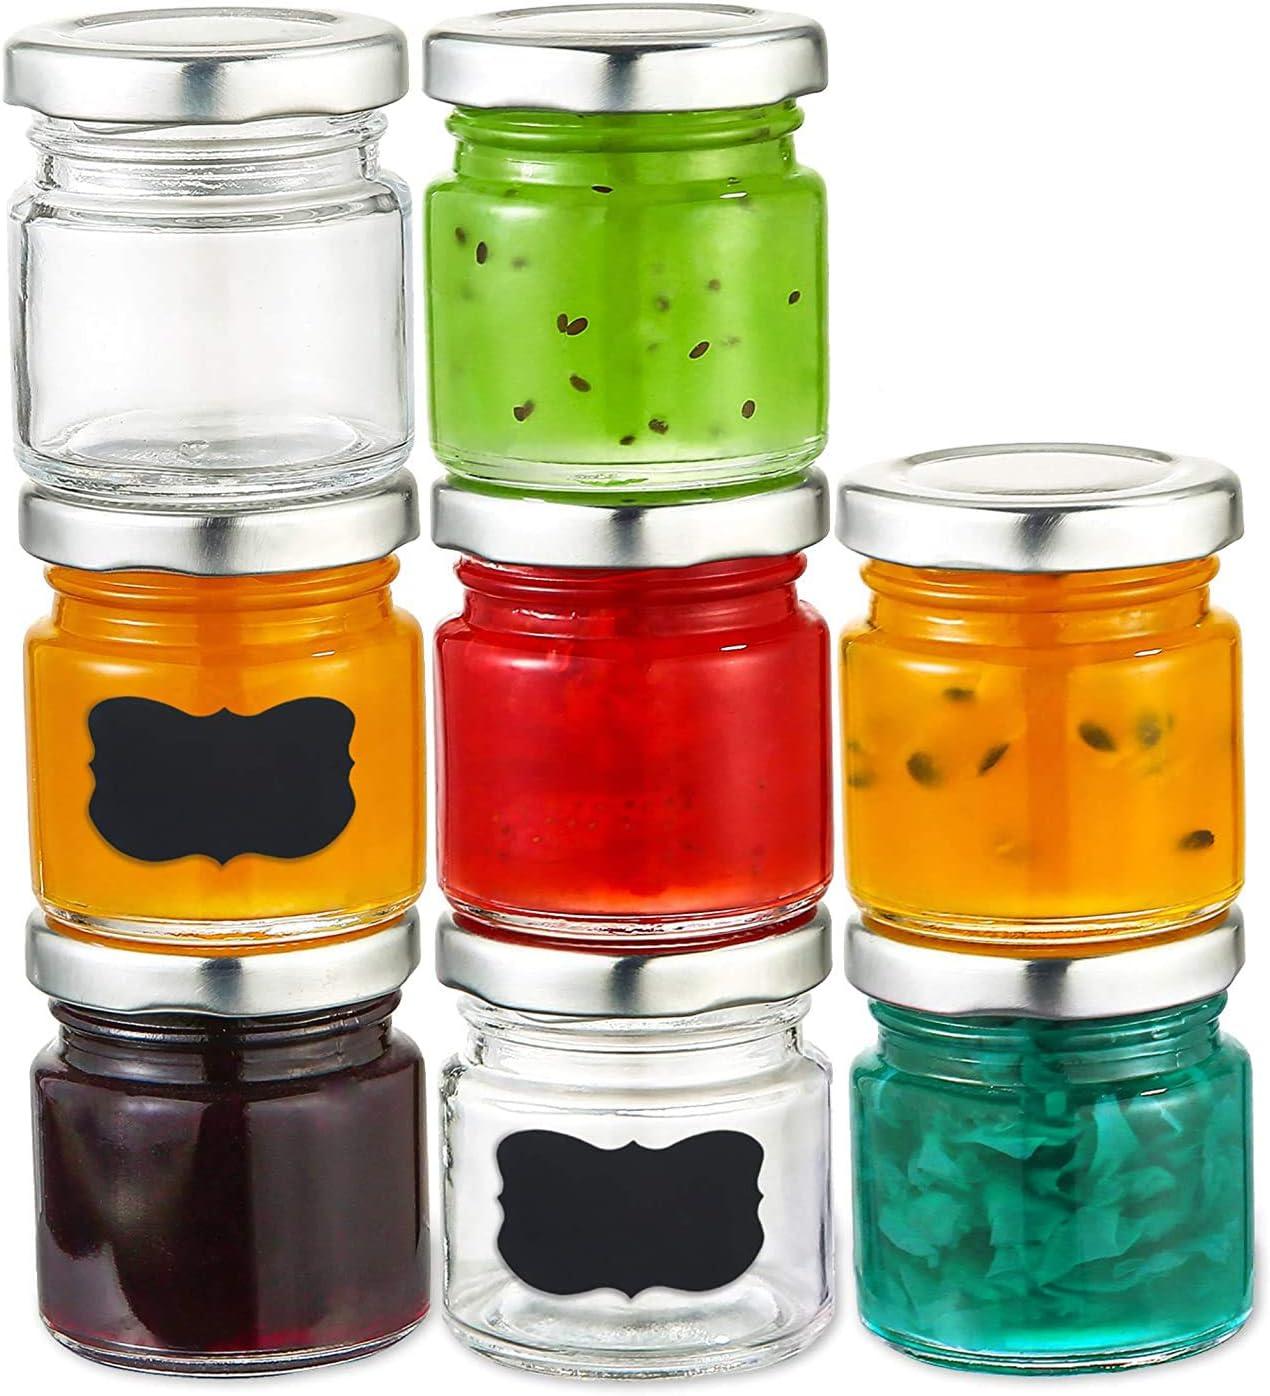 25 Mini Frascos de Cristal de 50 ml - Hermeticos - Tarritos para Regalar Mermelada, Miel, Conservas, Chuches